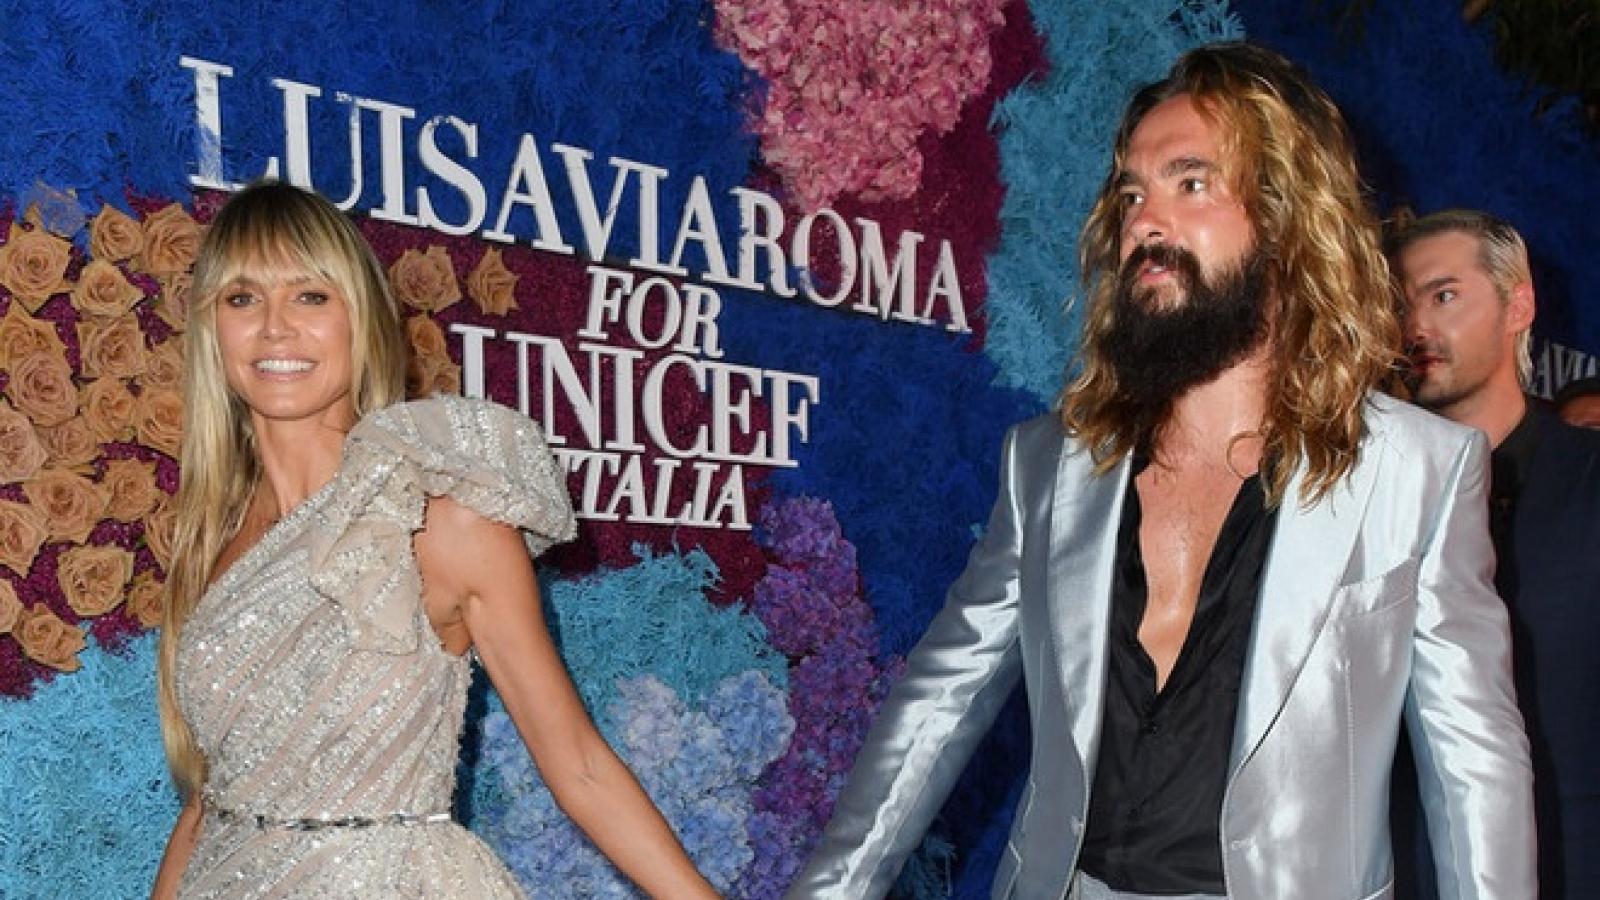 Siêu mẫu nội y Heidi Klum diện váy xẻ cao bên chồng kém 16 tuổi